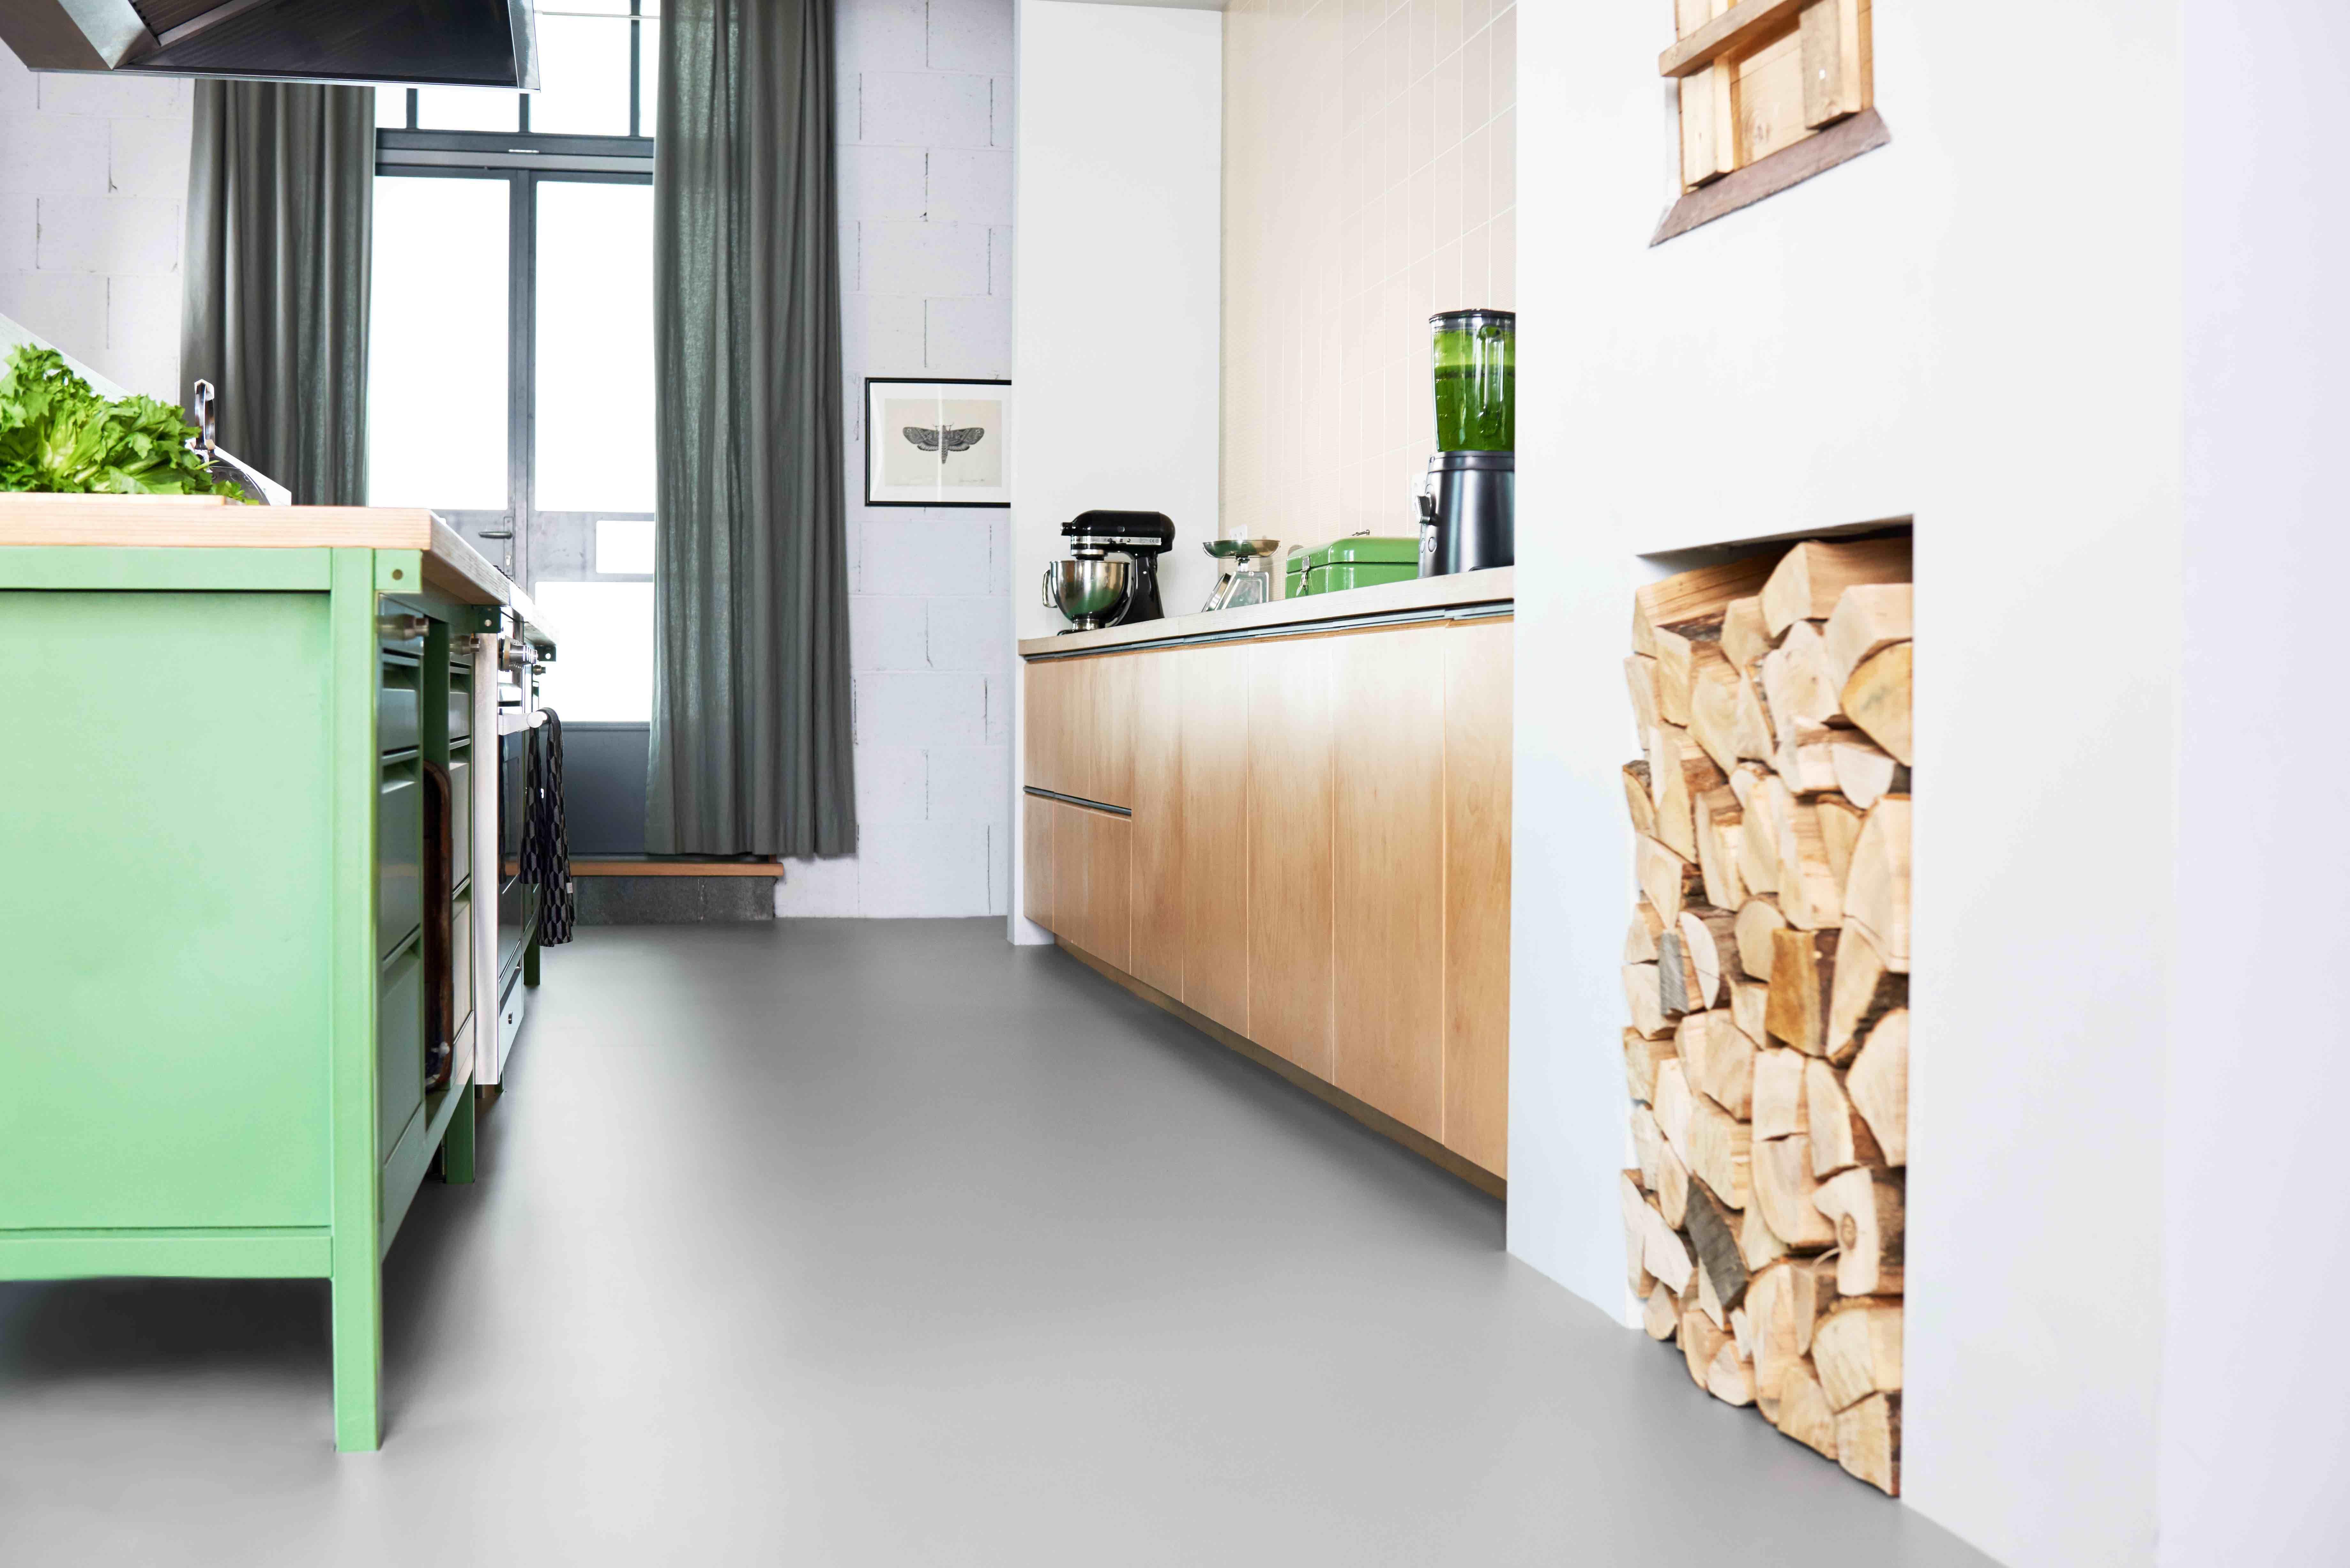 Flow promo marmoleum animals love flooring love